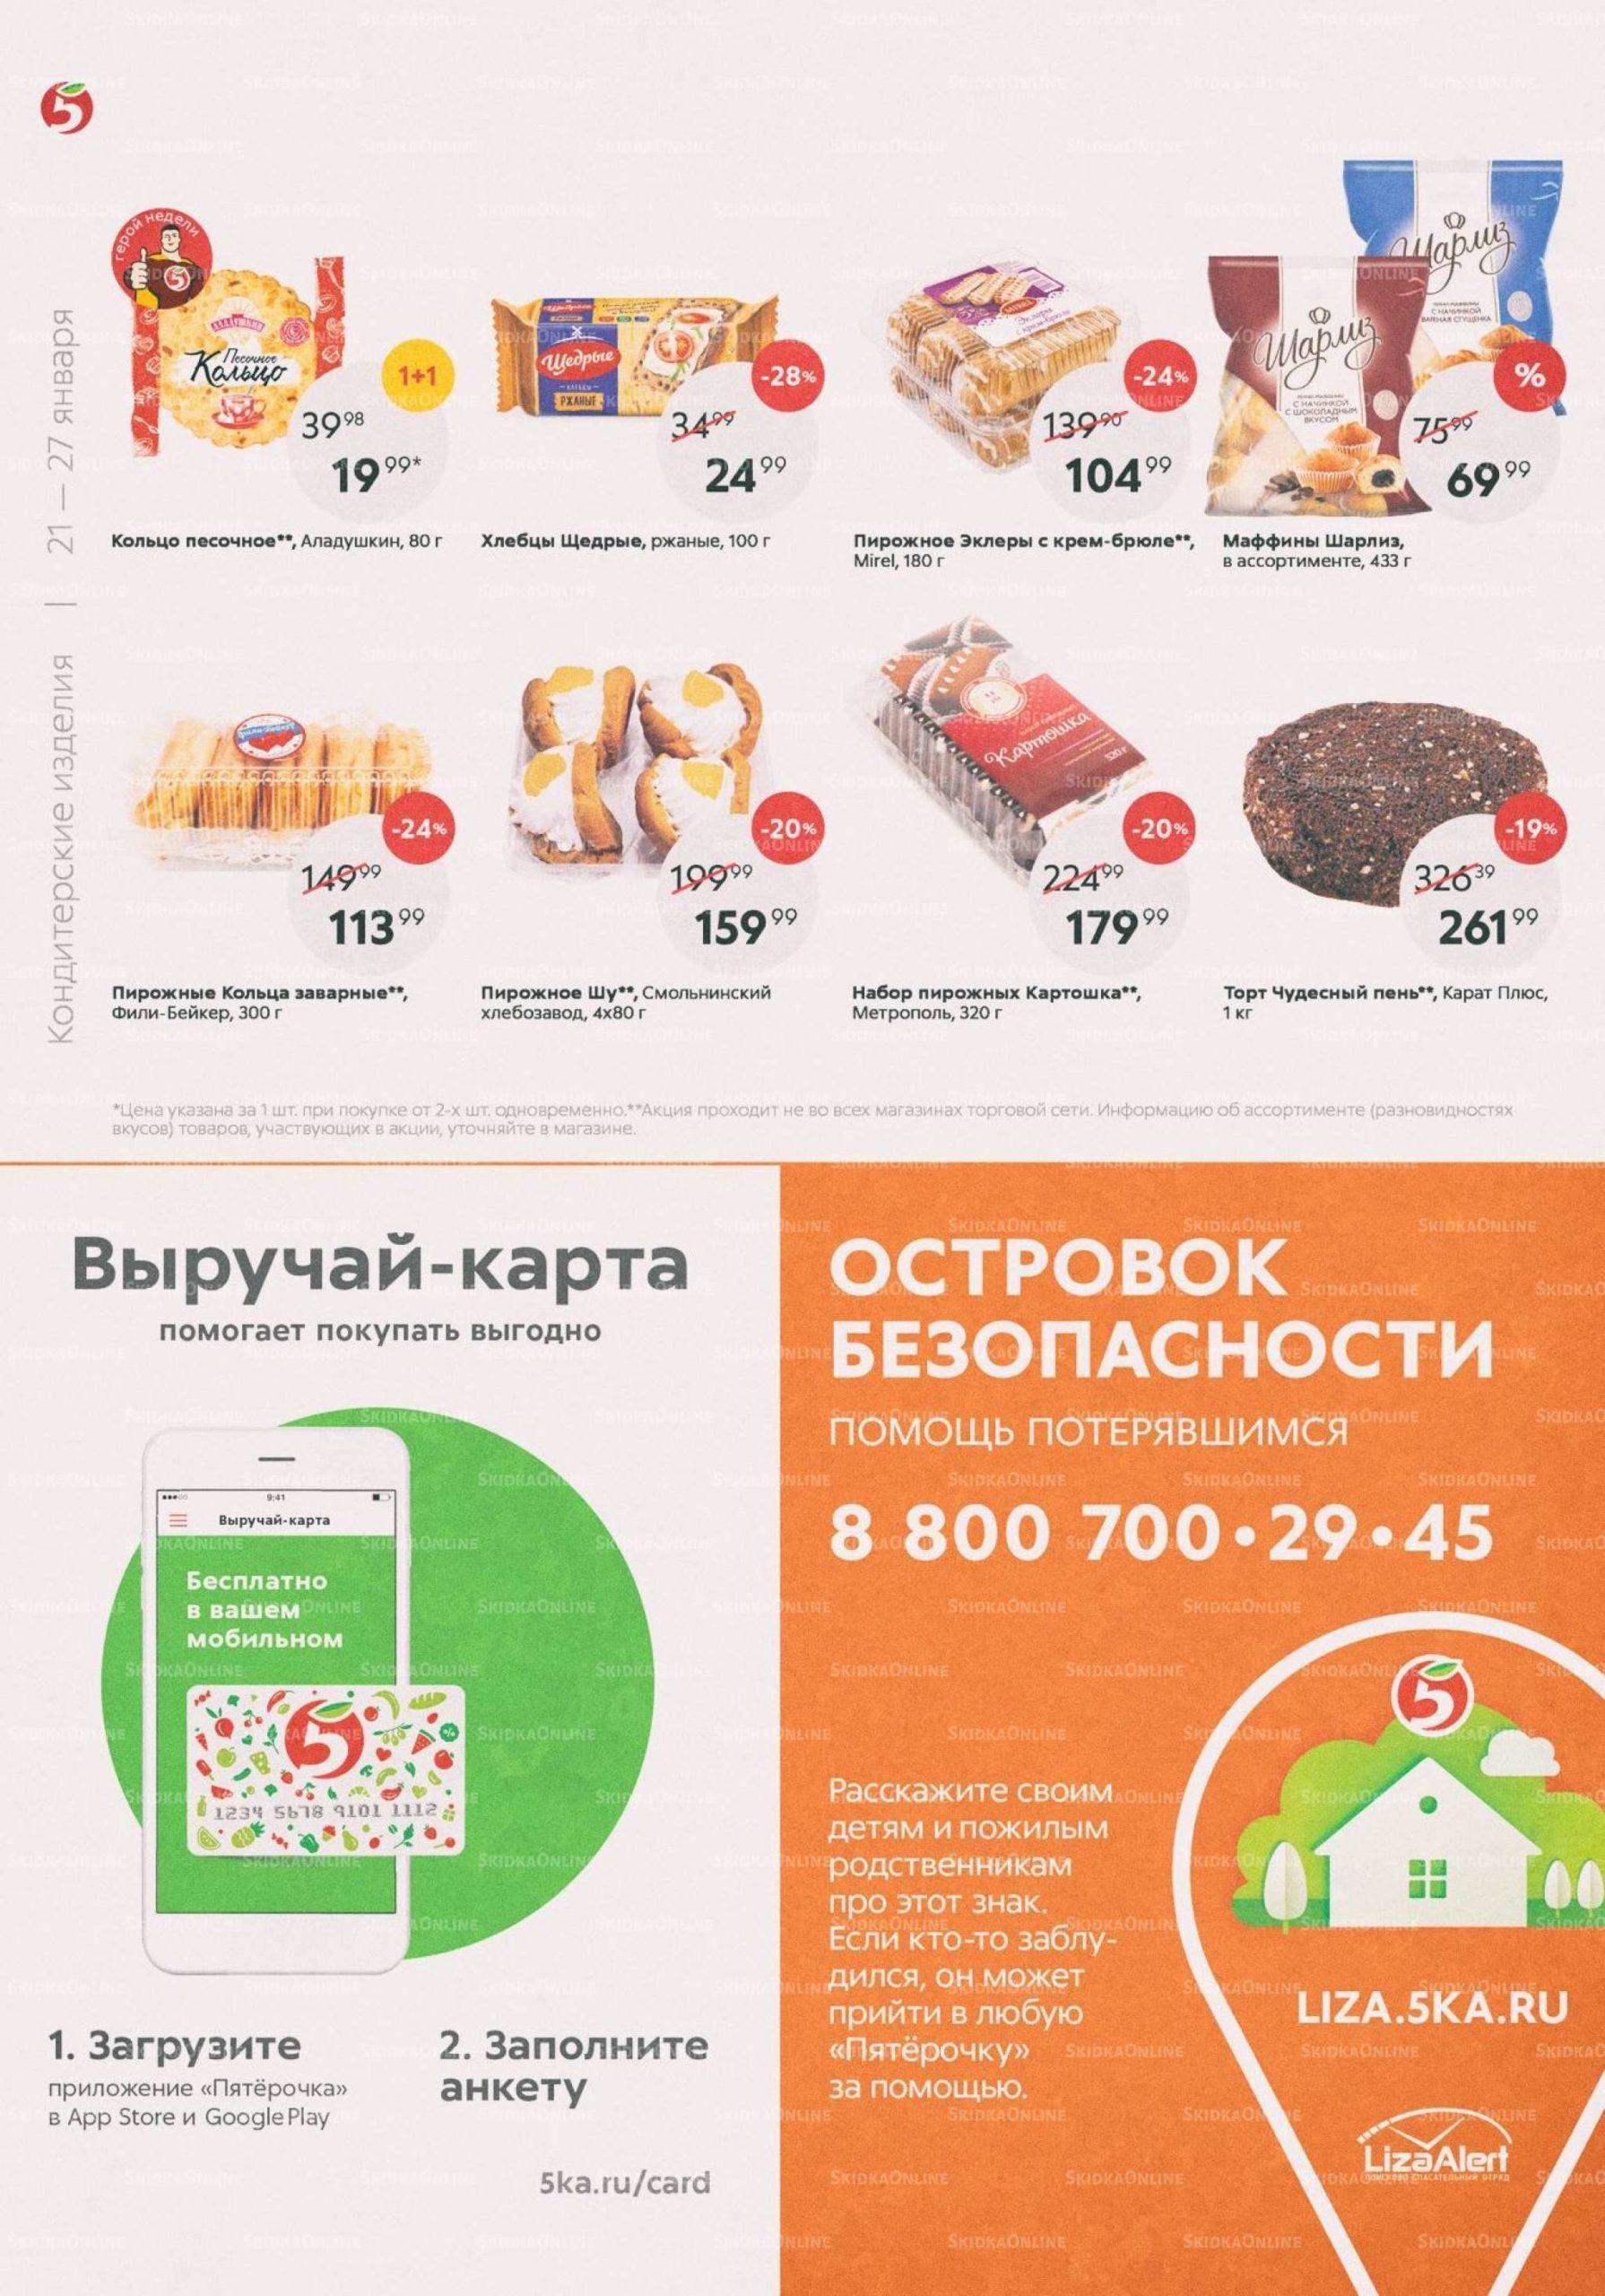 Акции в Пятёрочке с 21 по 27 января 2020 года